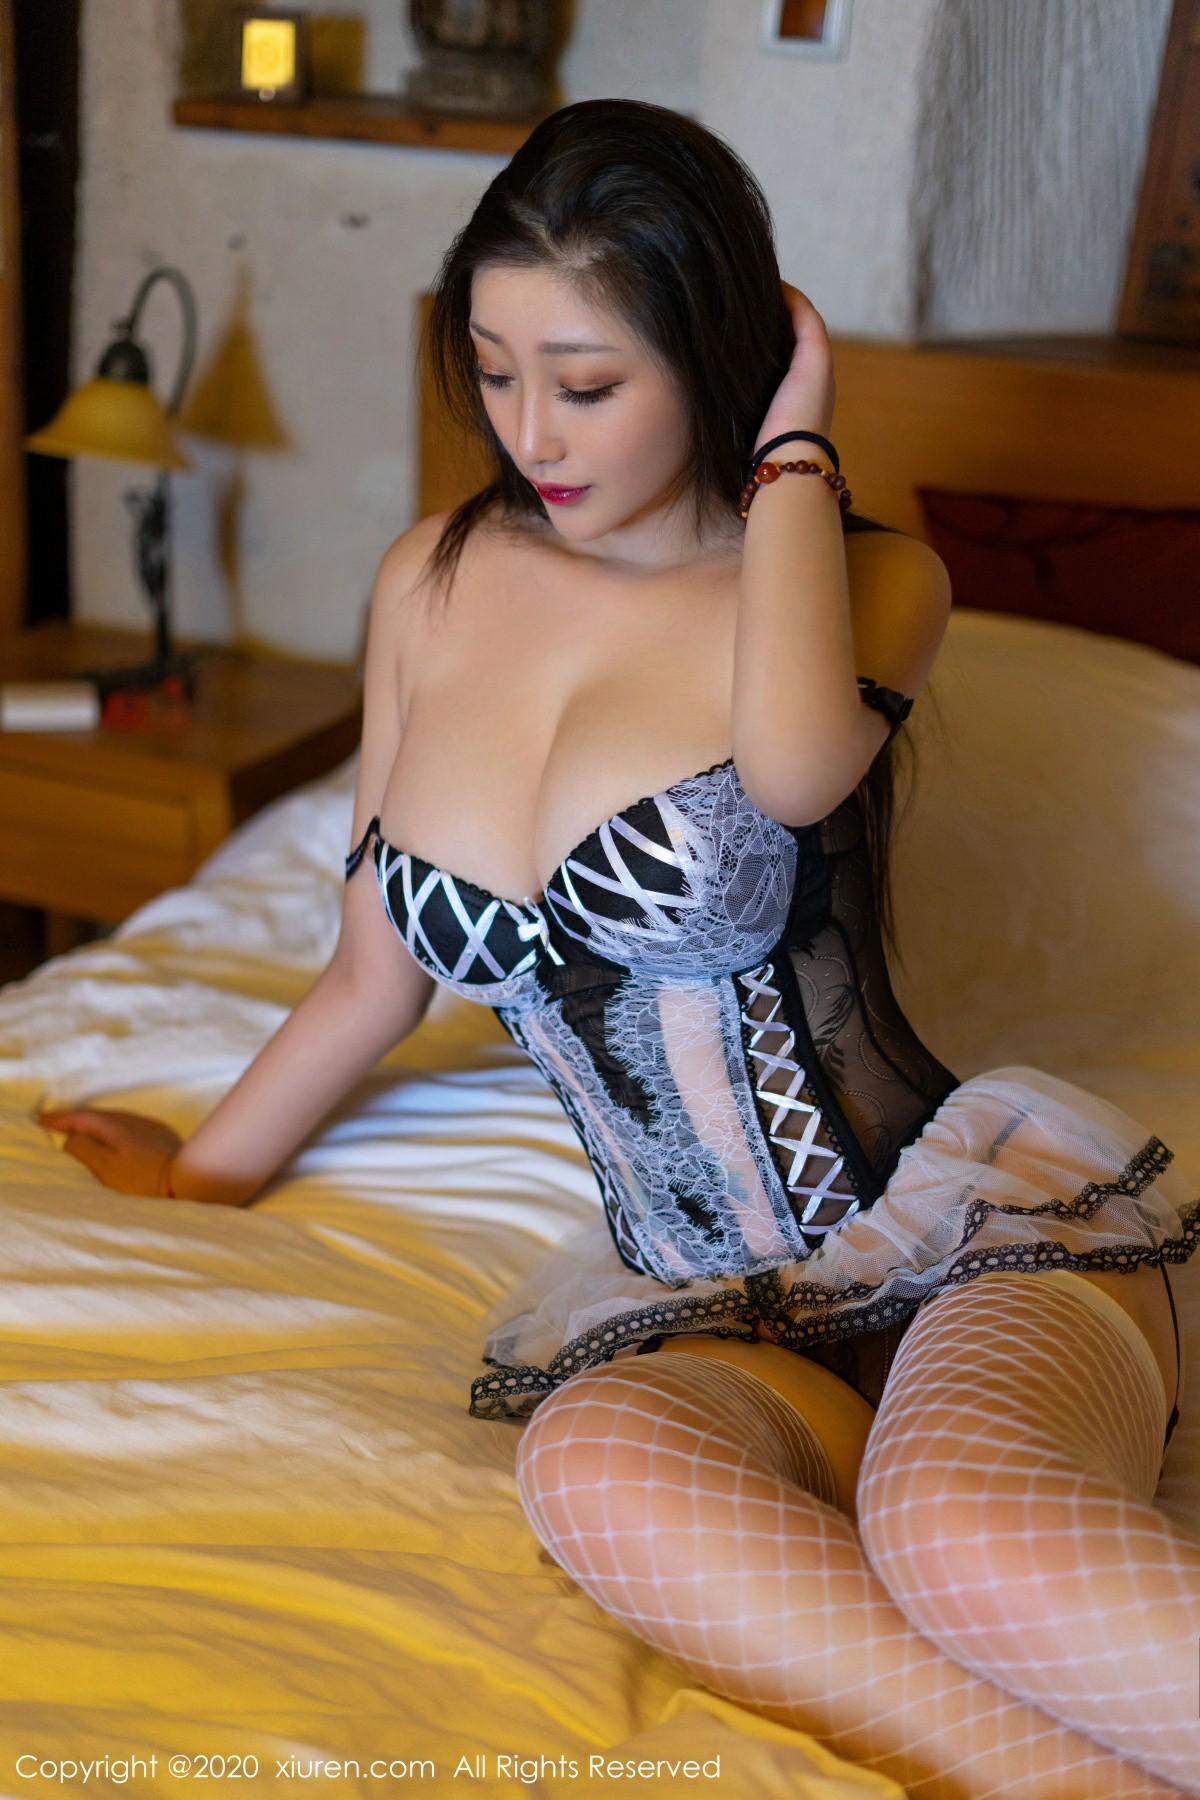 [XiuRen秀人网]2020.03.16 No.2064 妲己_Toxic-第4张图片-福利社